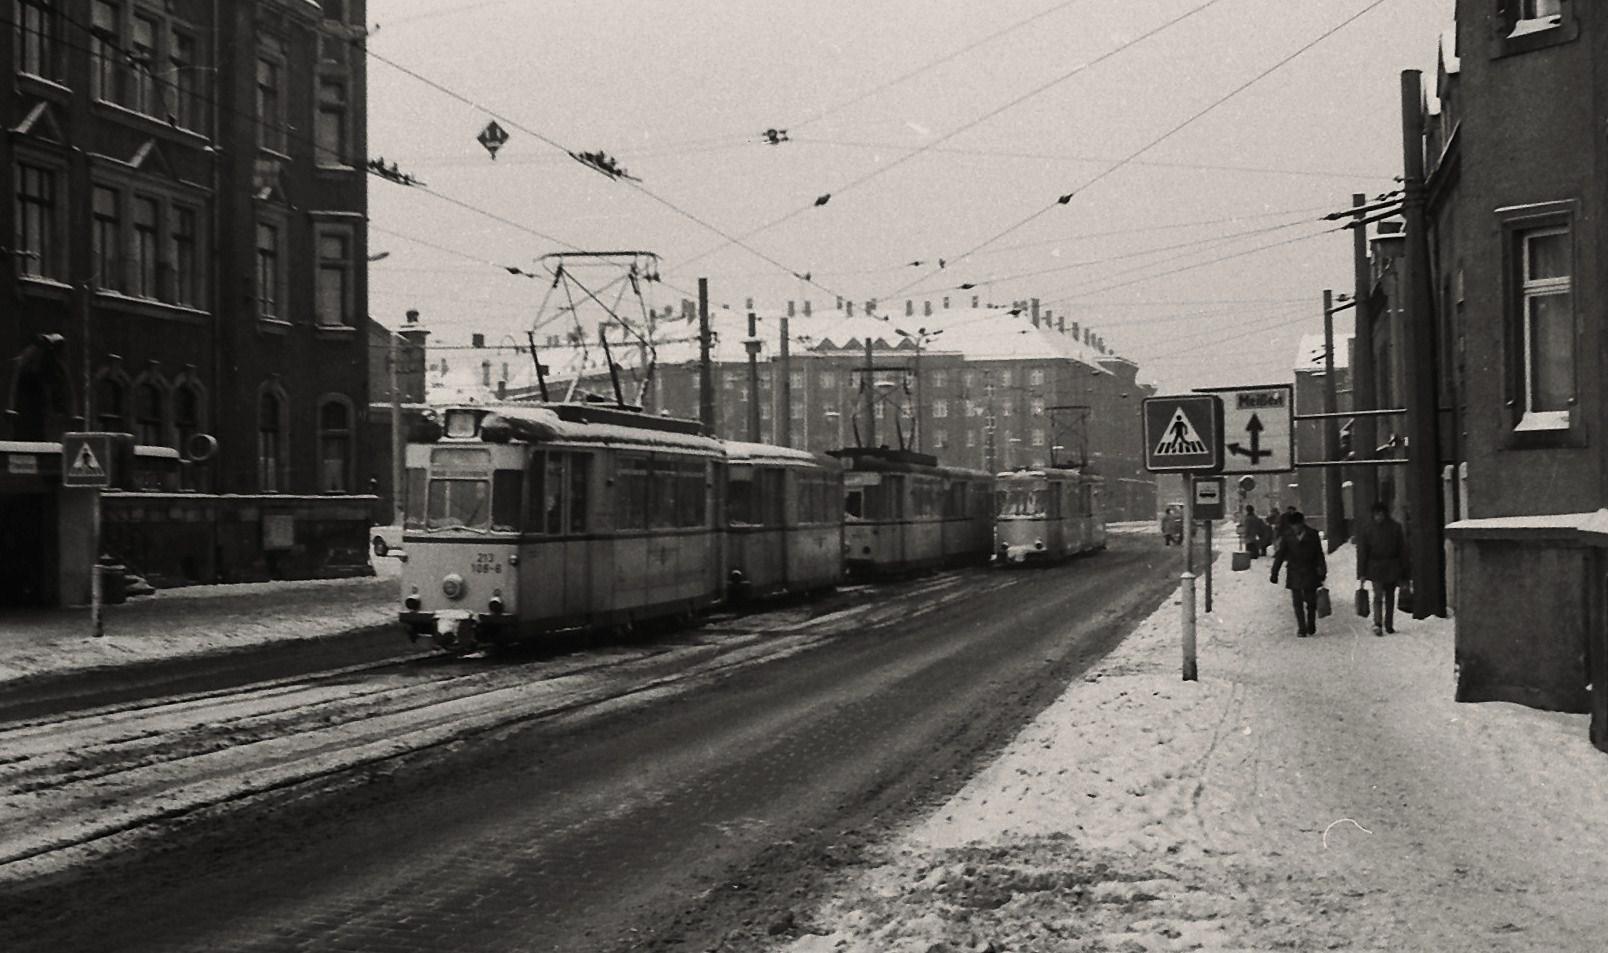 Winter 1985 in Dresden